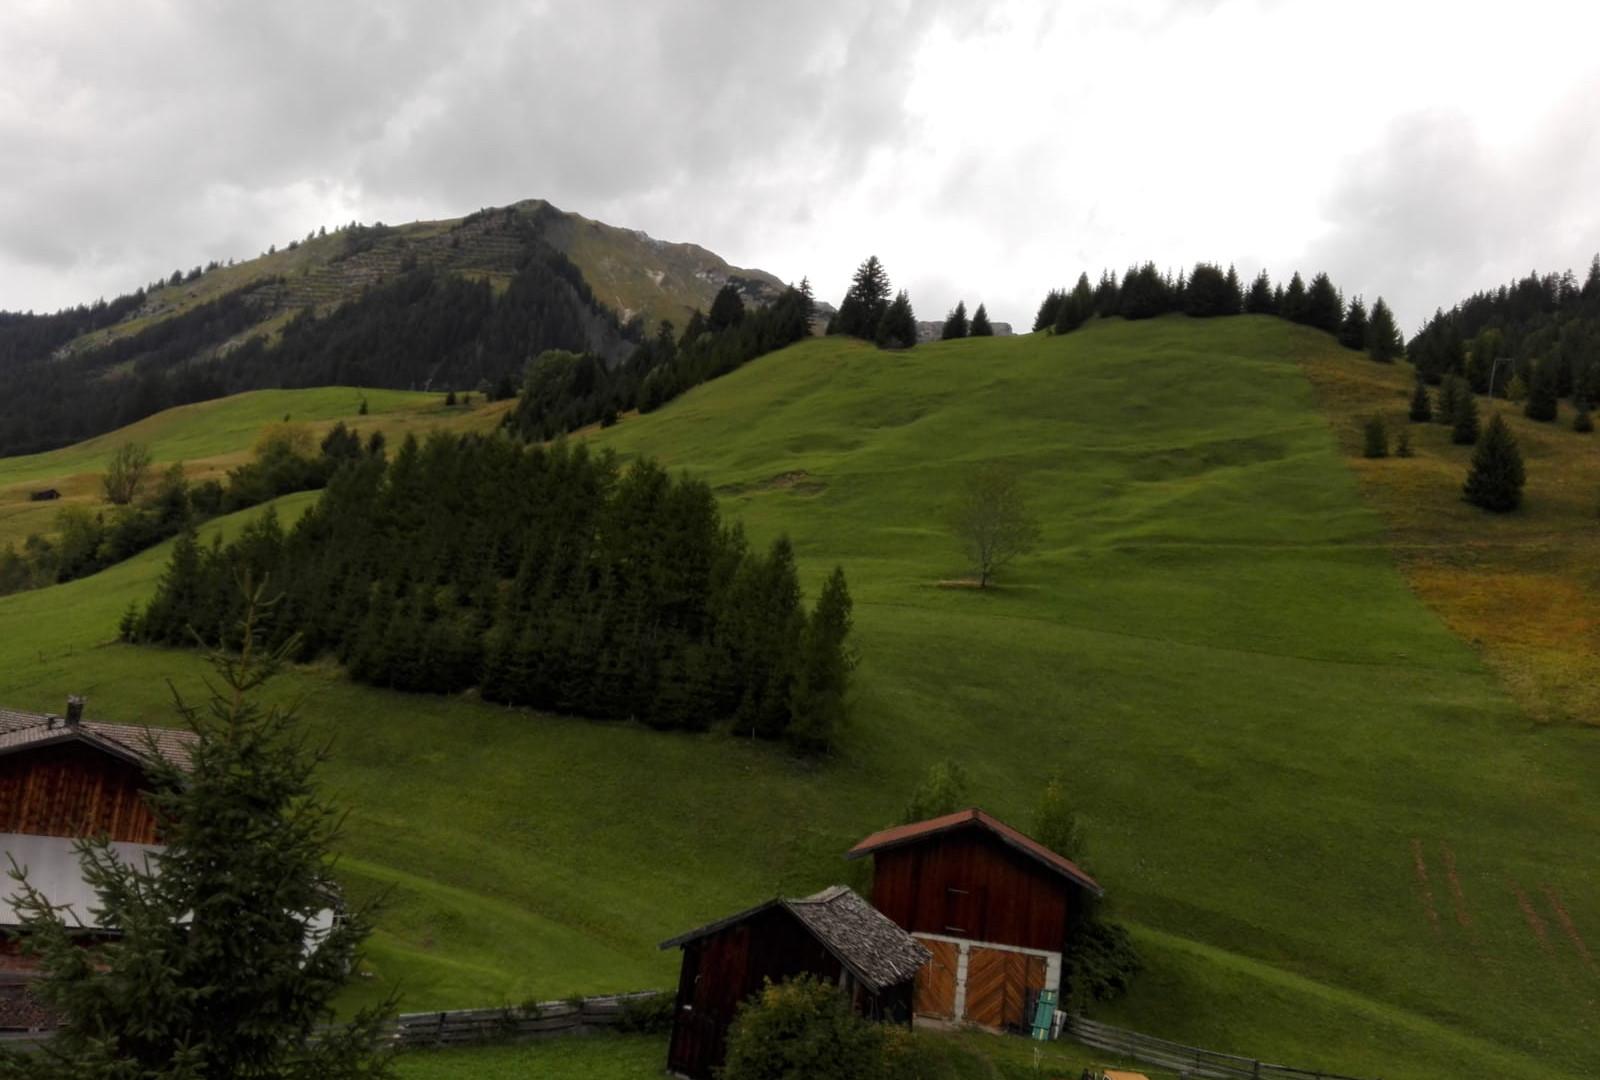 2019-09-27 Wanderung Lechtal (116).jpg